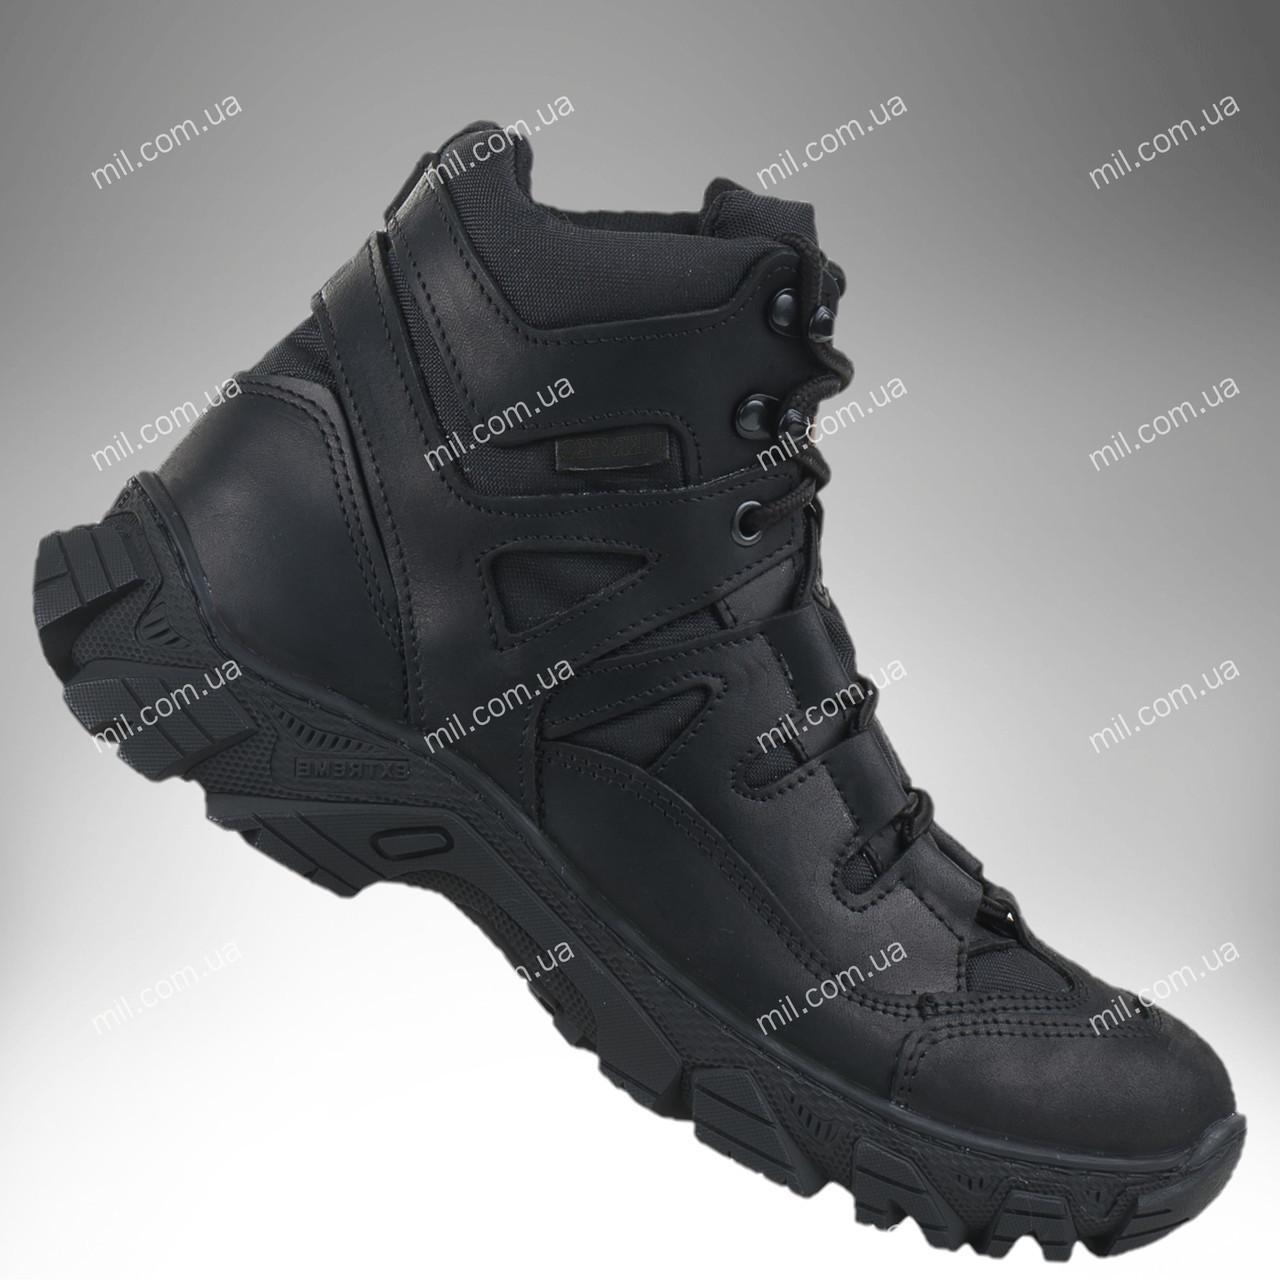 ⭐⭐Тактическая обувь демисезонная / военные, армейские ботинки Tactic HARD Gen.II (black) | военная обувь,